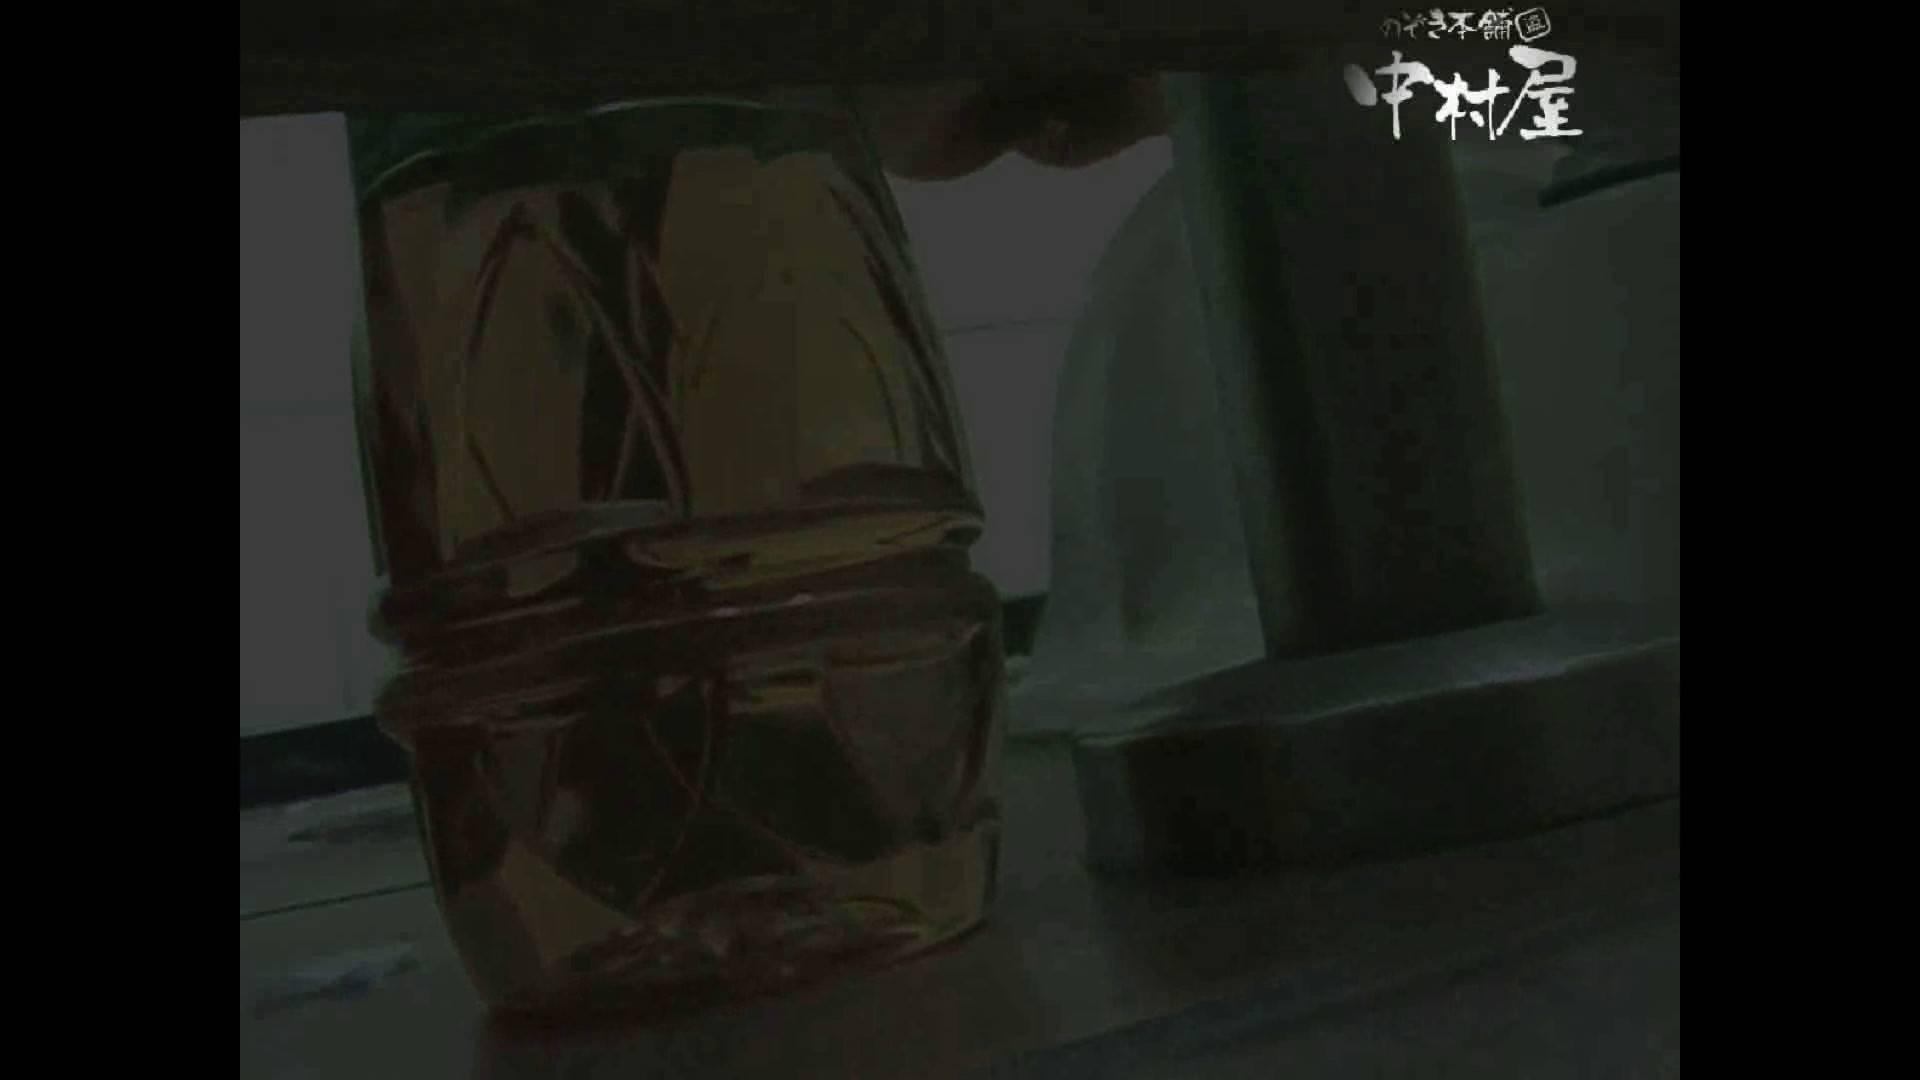 岩手県在住盗撮師盗撮記録vol.44 厠 スケベ動画紹介 109連発 98